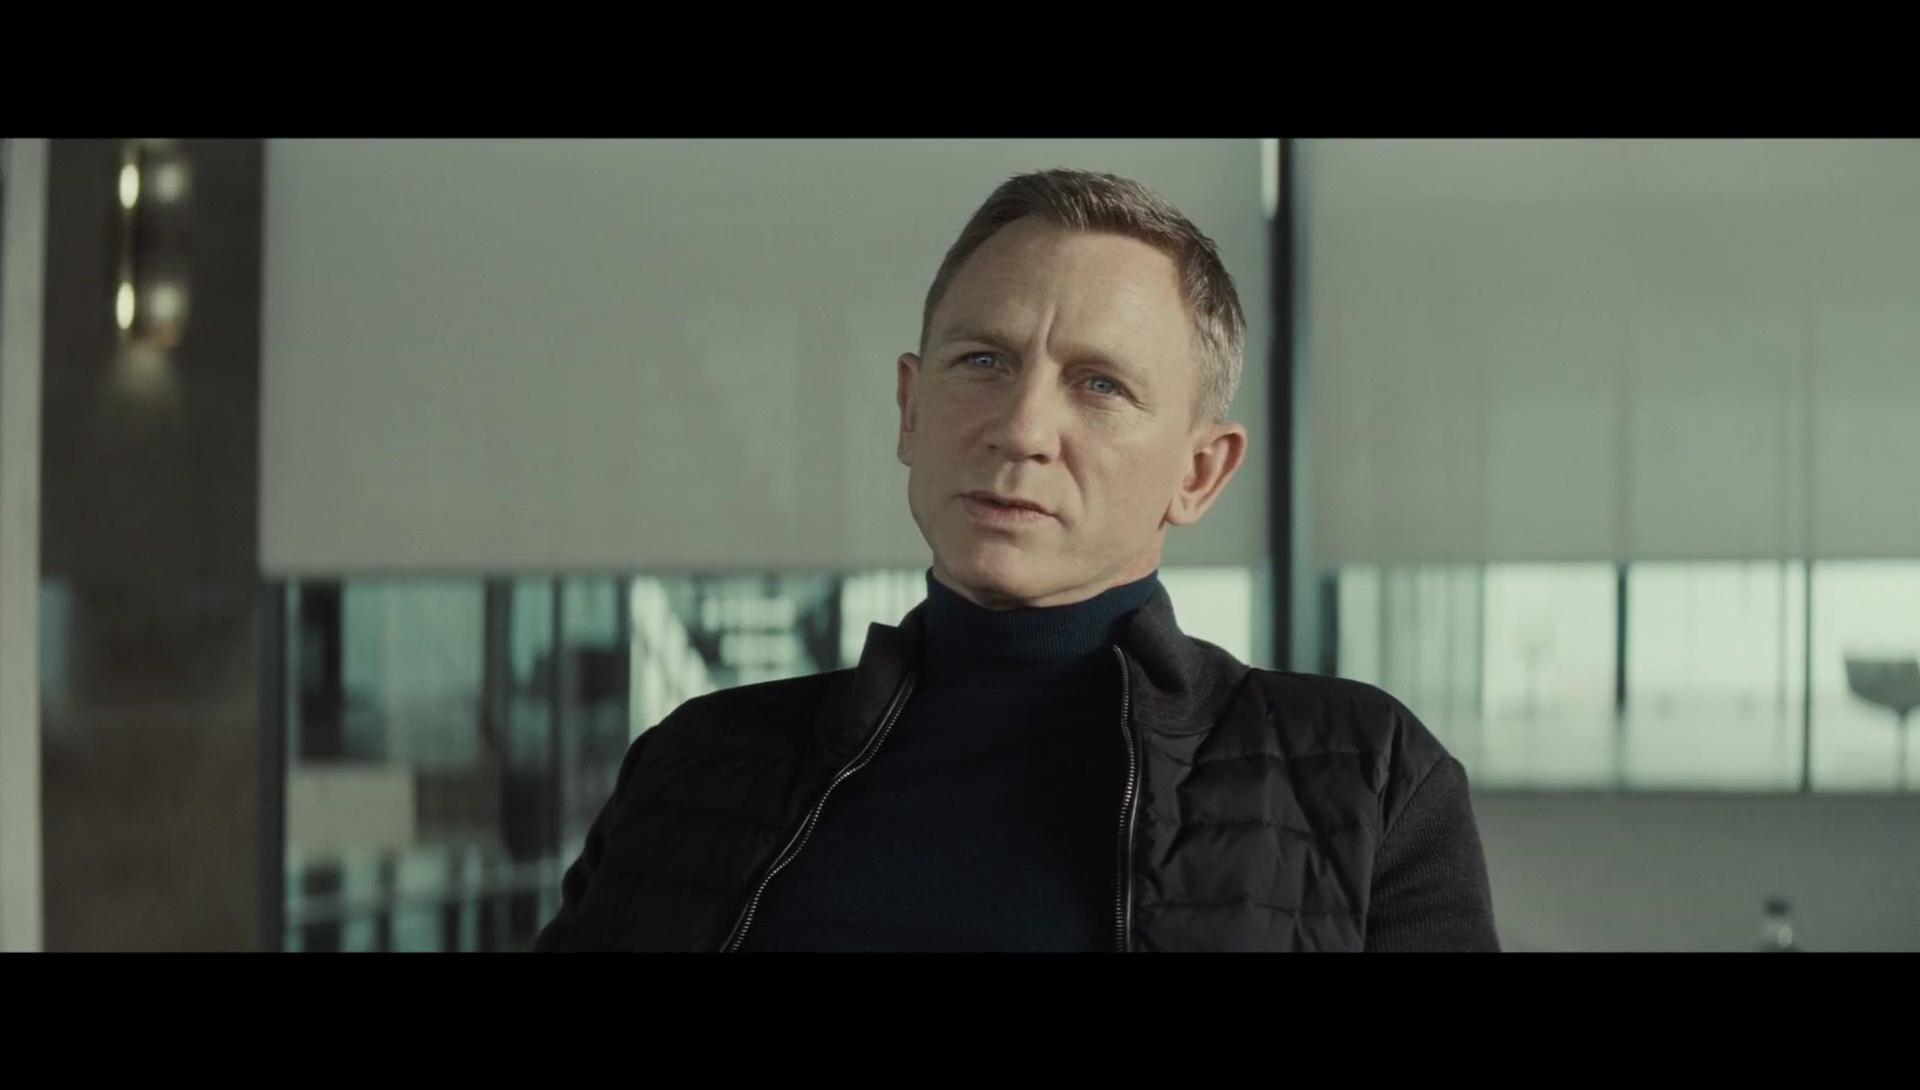 007 Spectre 1080p Lat-Cast-Ing 5.1 (2015)